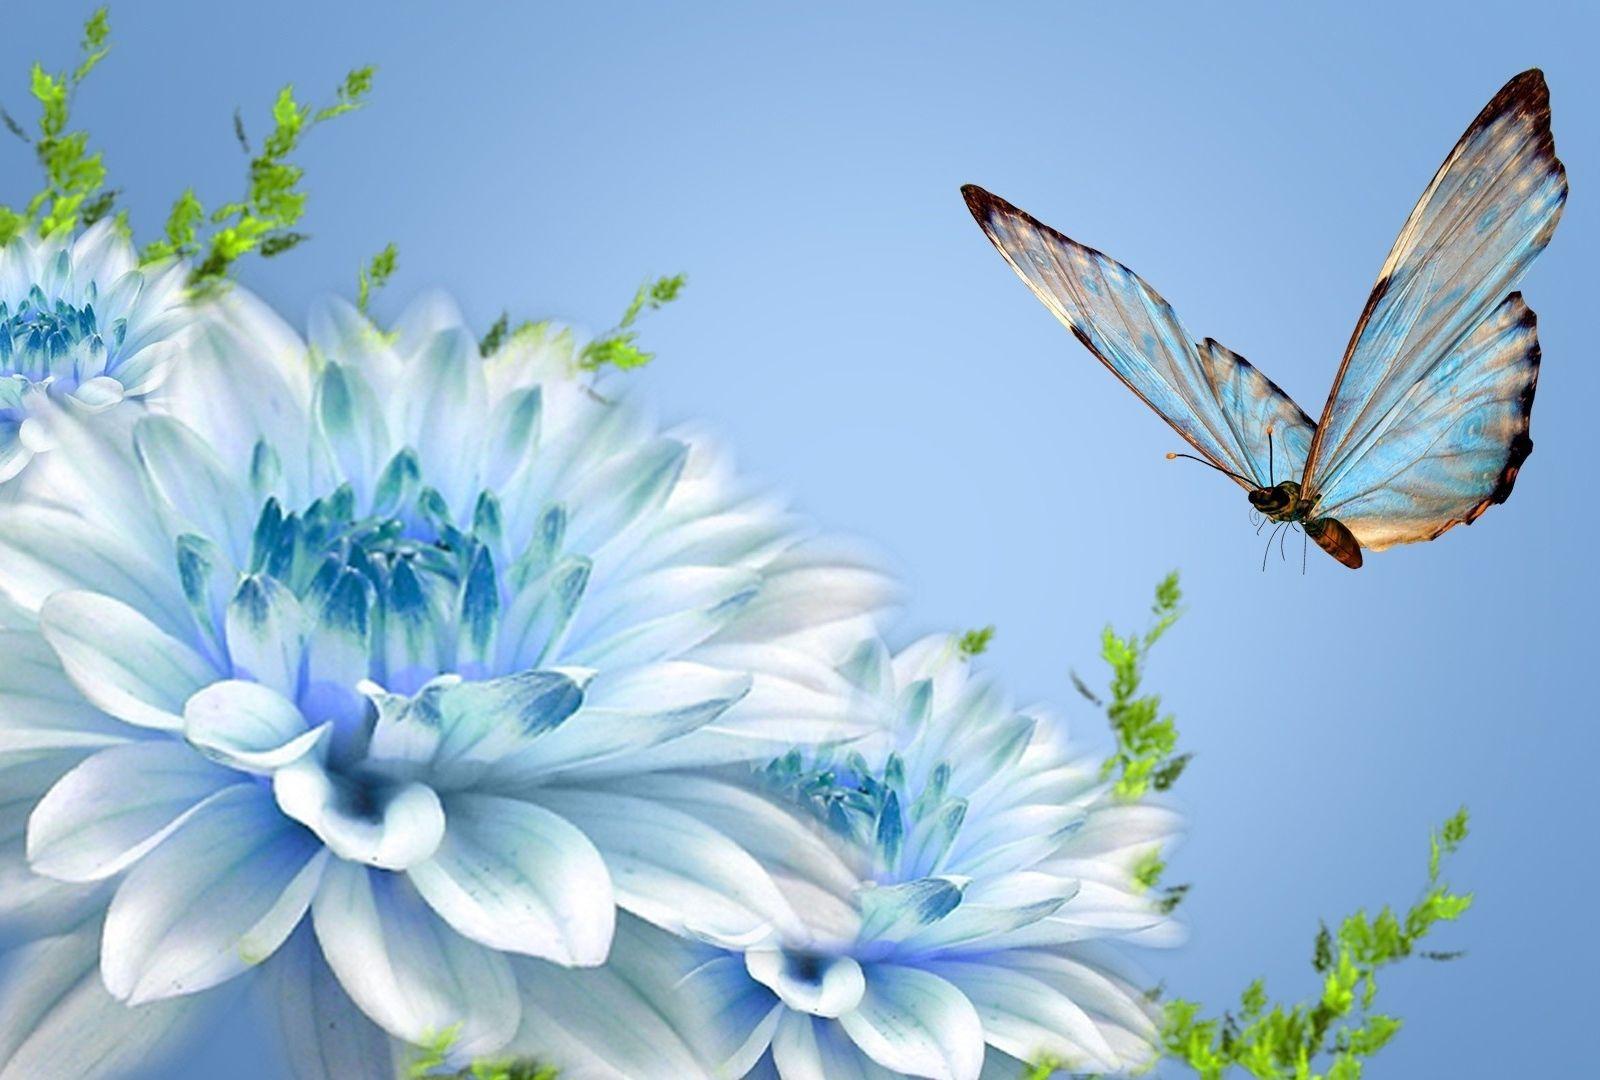 Wallpaper Hd Nature Blue Flower Wallpaper Wallpaper Nature Flowers Butterfly Wallpaper